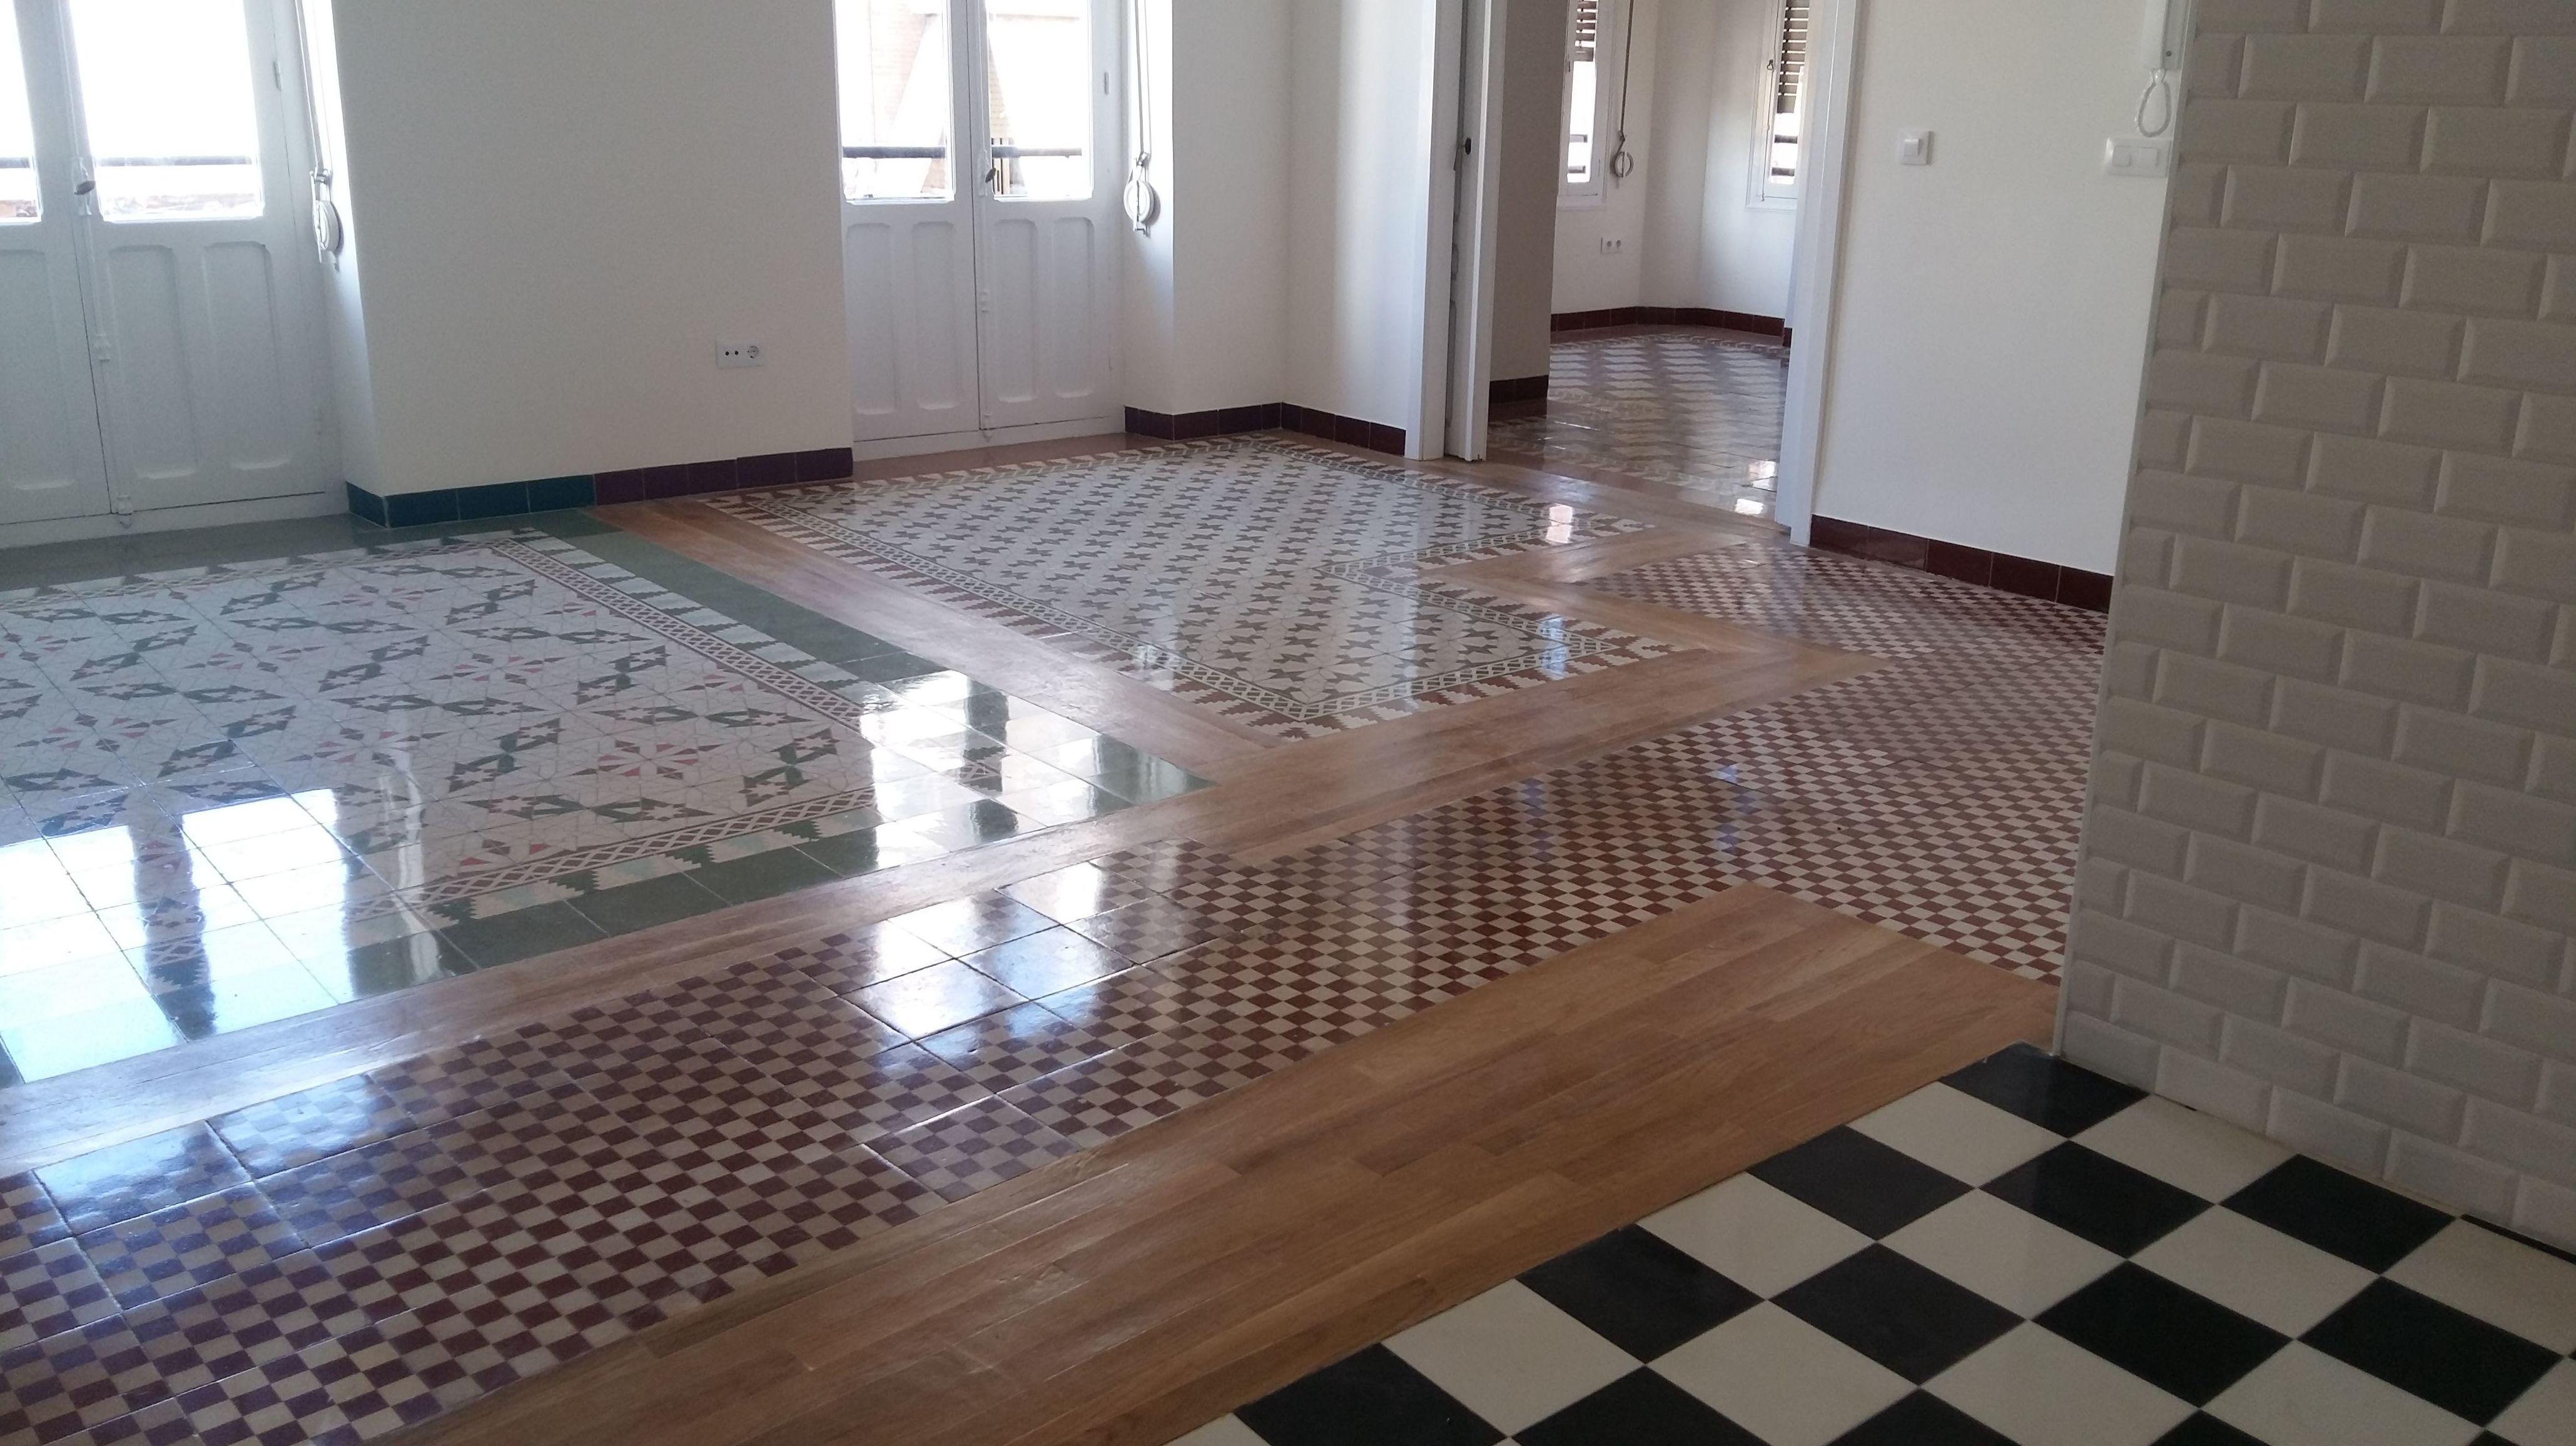 restauración de mosaico hidraulico : Servicios  de Pulidos Egea